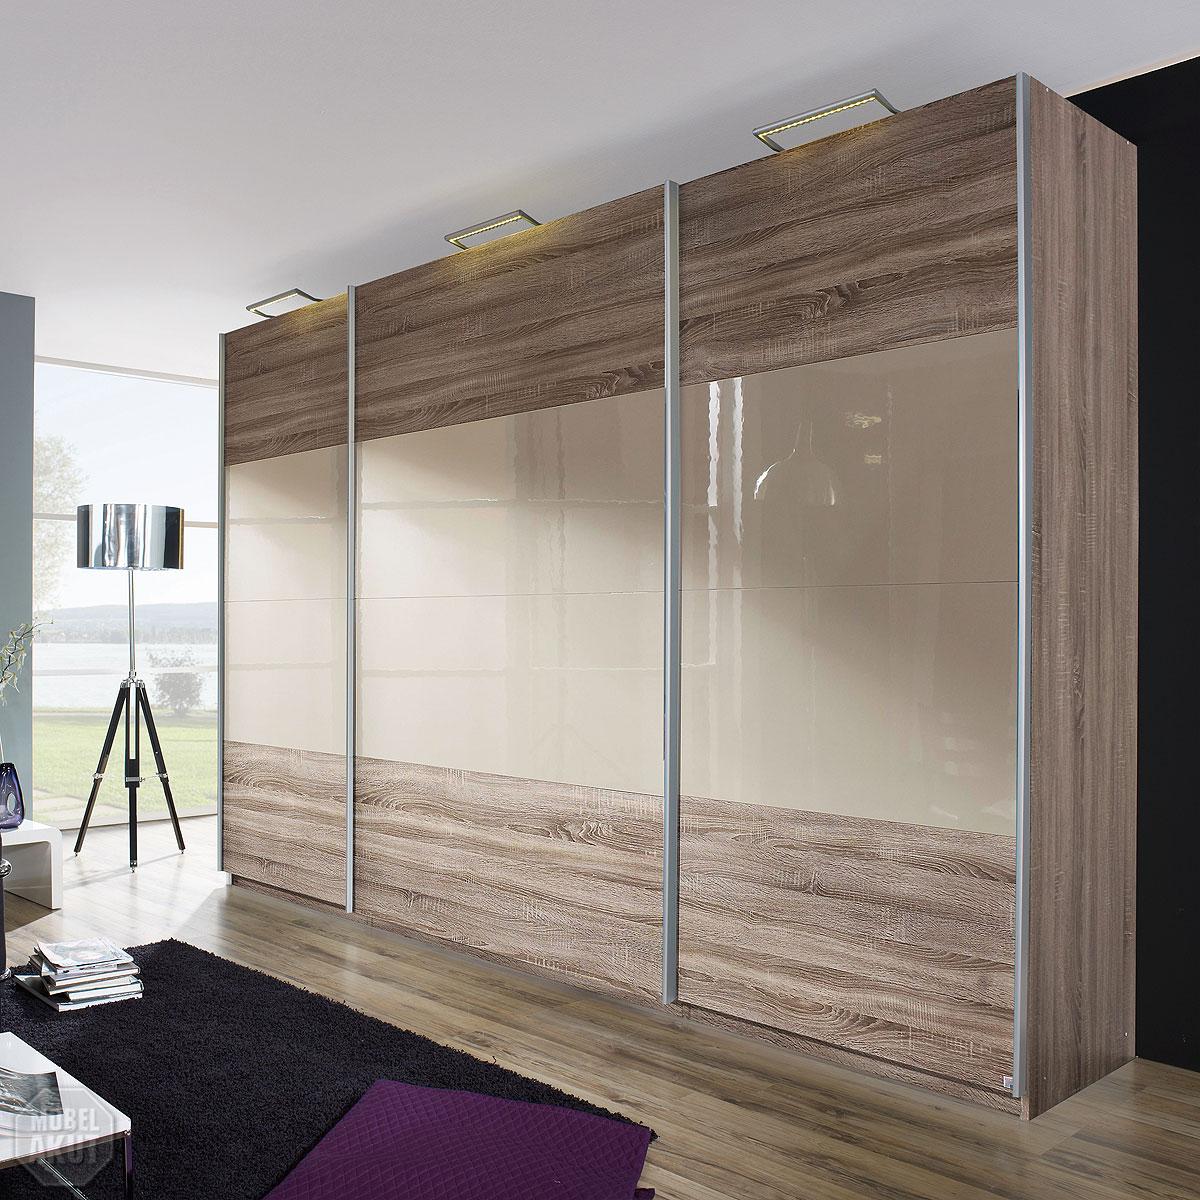 schwebet renschrank beluga base havanna eiche sandgrau. Black Bedroom Furniture Sets. Home Design Ideas